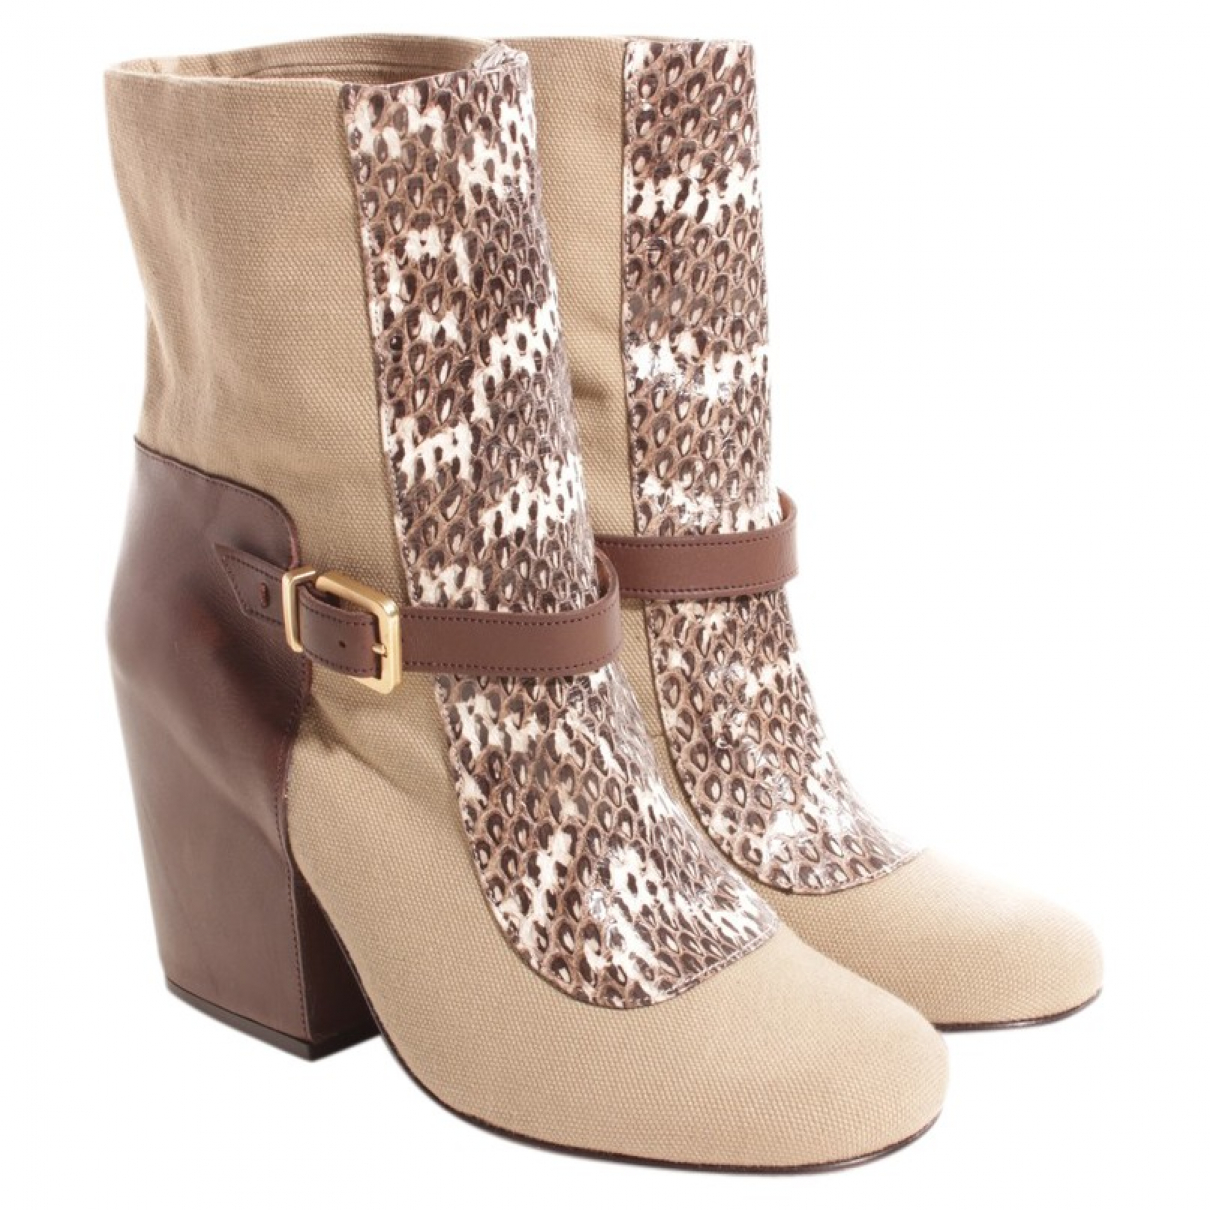 Robert Clergerie - Boots   pour femme en cuir - multicolore